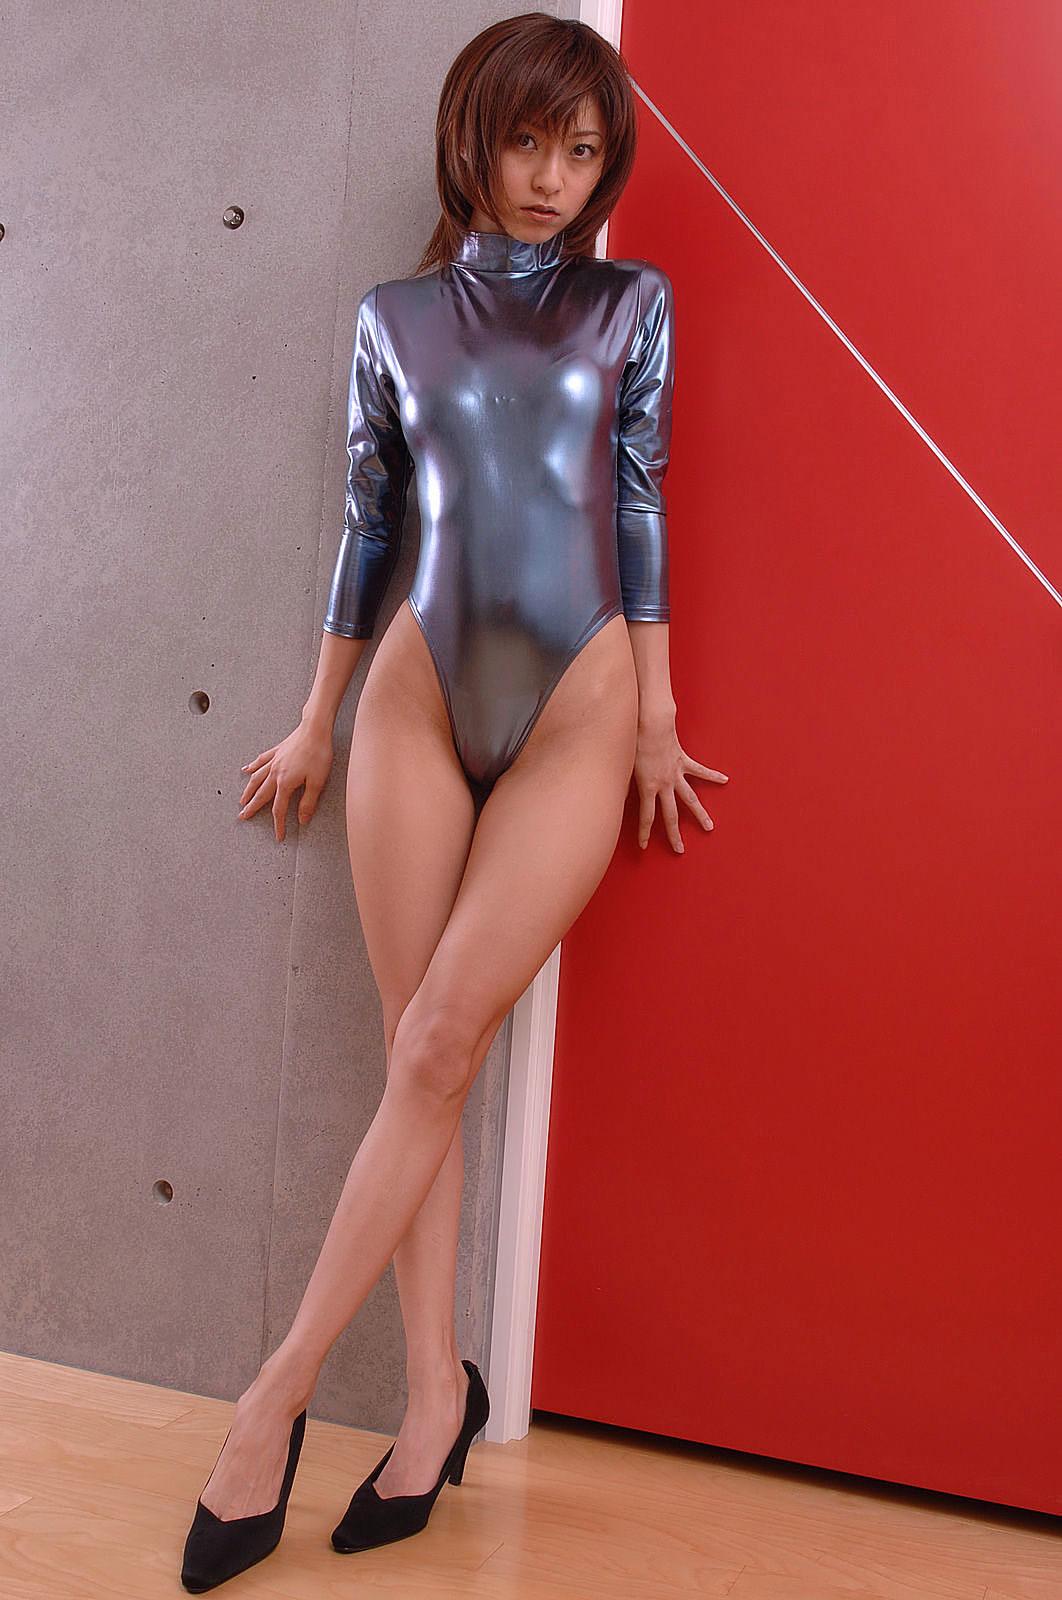 三次元 3次元 エロ画像 ハイレグ  レオタード べっぴん娘通信 15